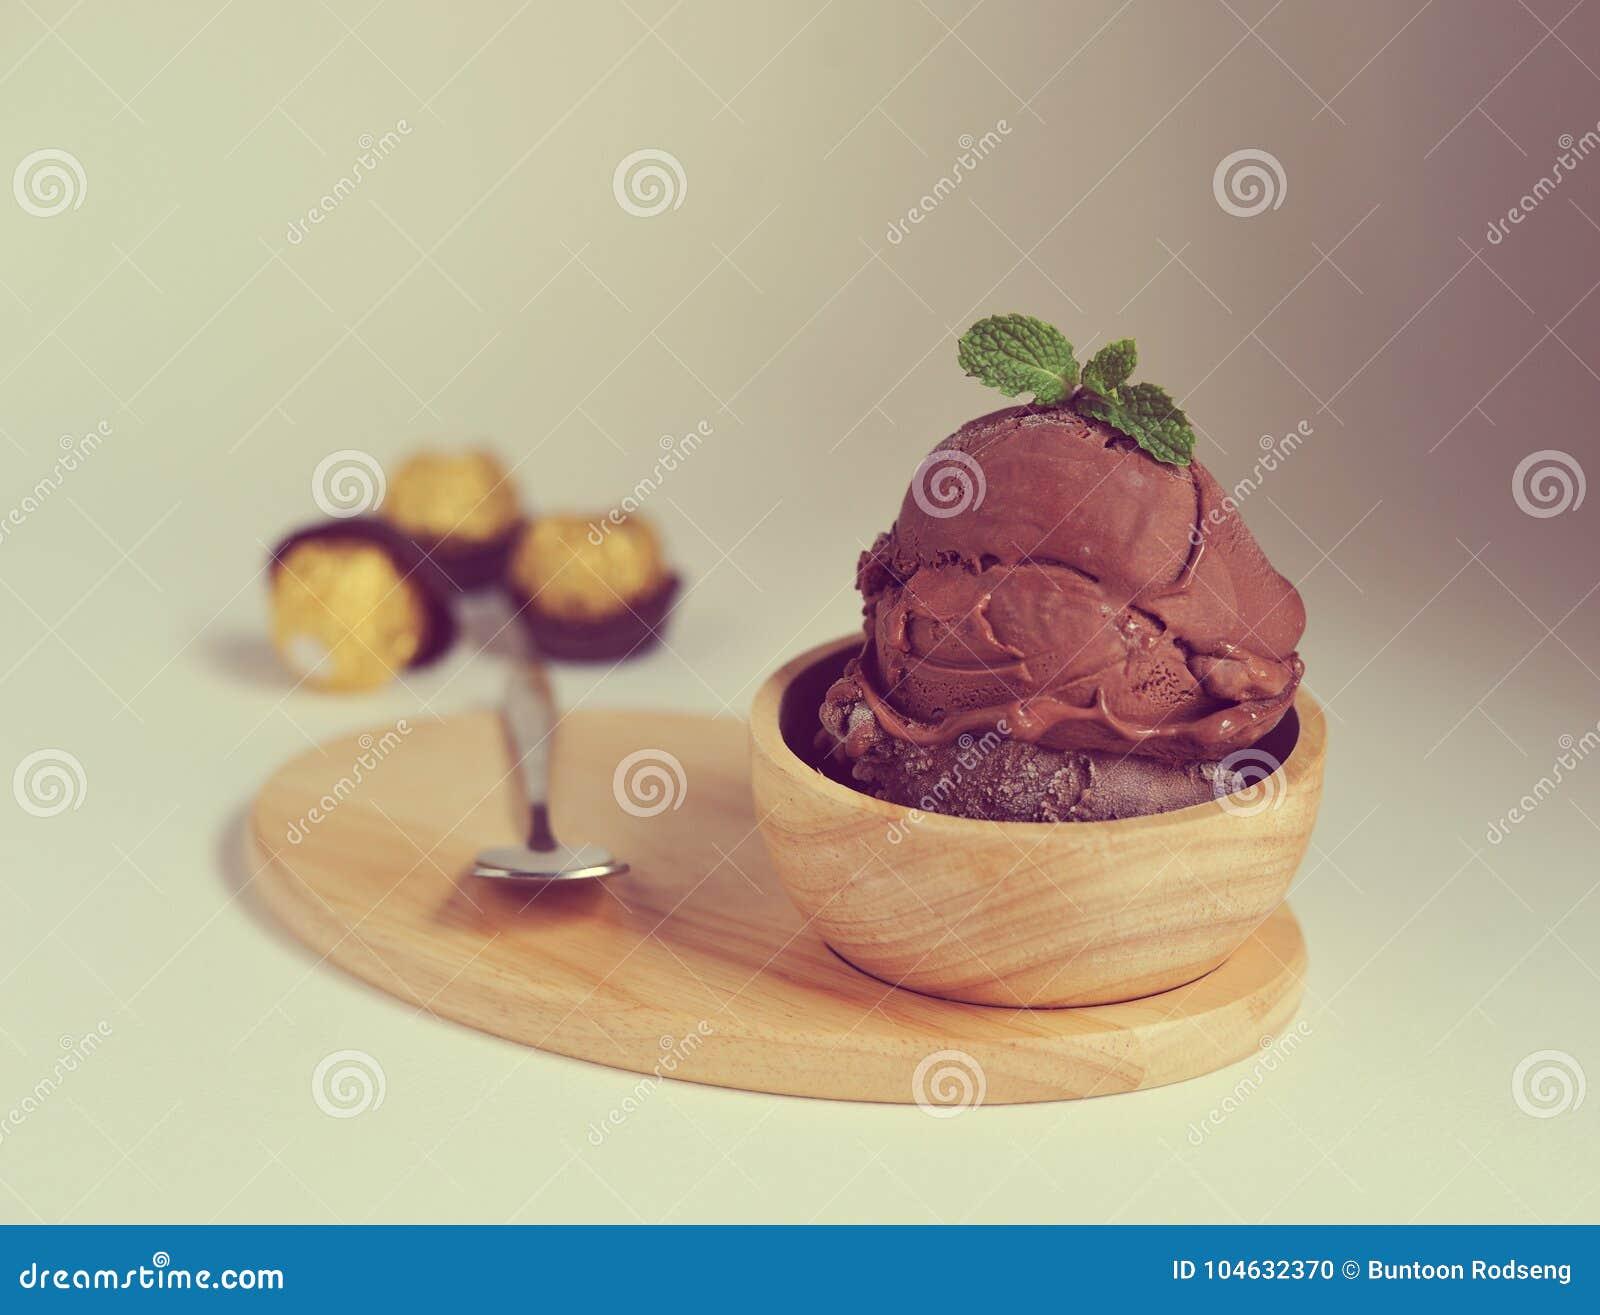 Download Eigengemaakt Chocoladeroomijs Met Munt In Kom Eigengemaakte Organisch Stock Foto - Afbeelding bestaande uit product, aardbei: 104632370